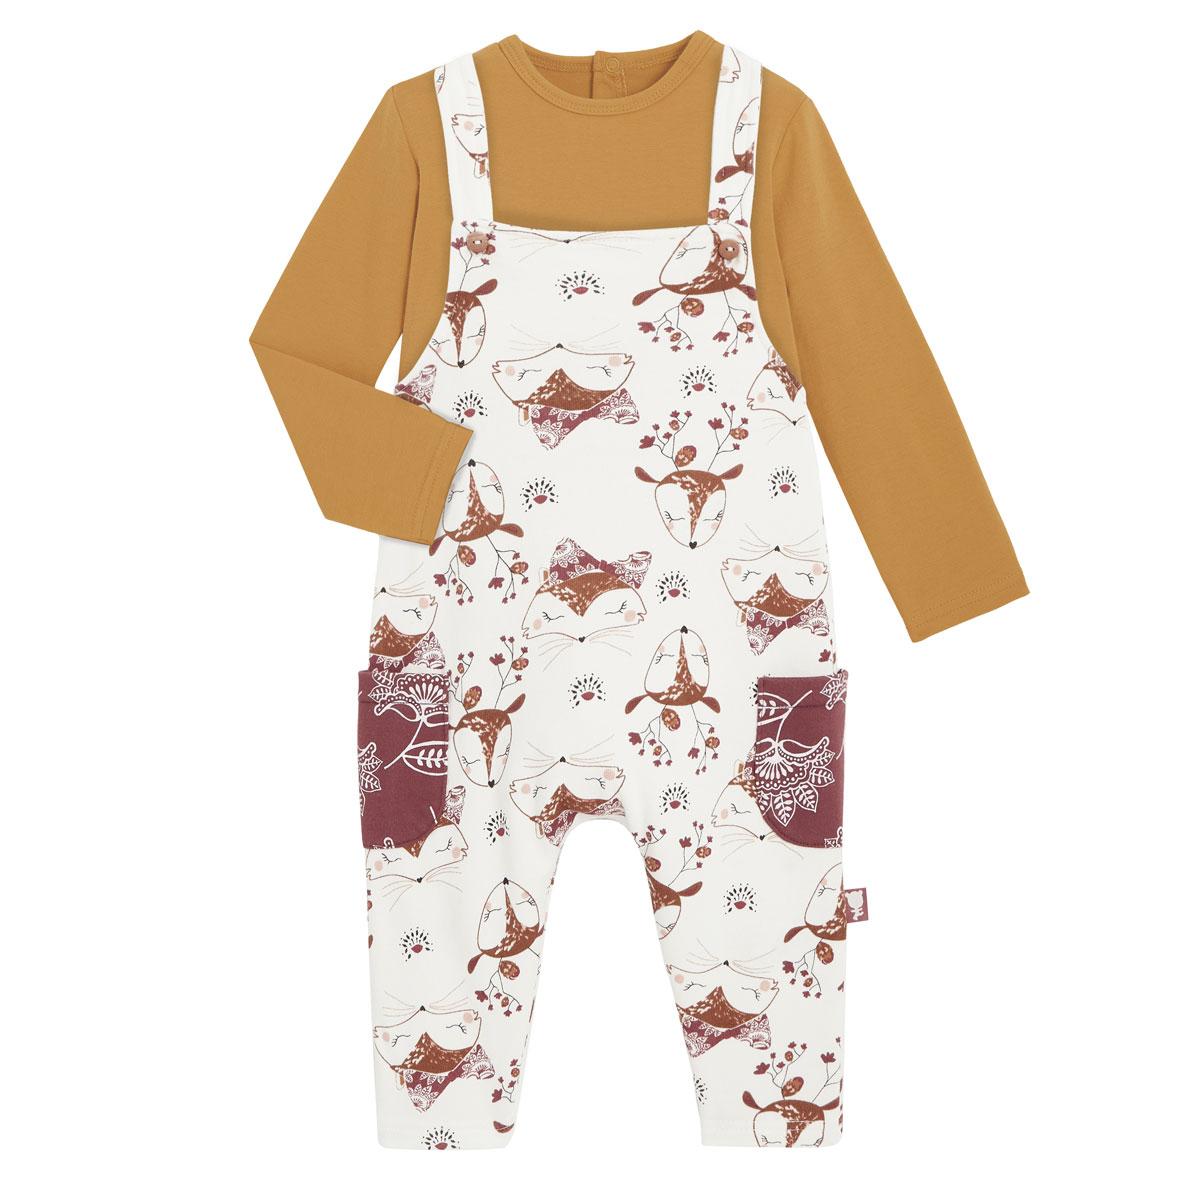 Salopette fille en coton gratté et t-shirt Amaya